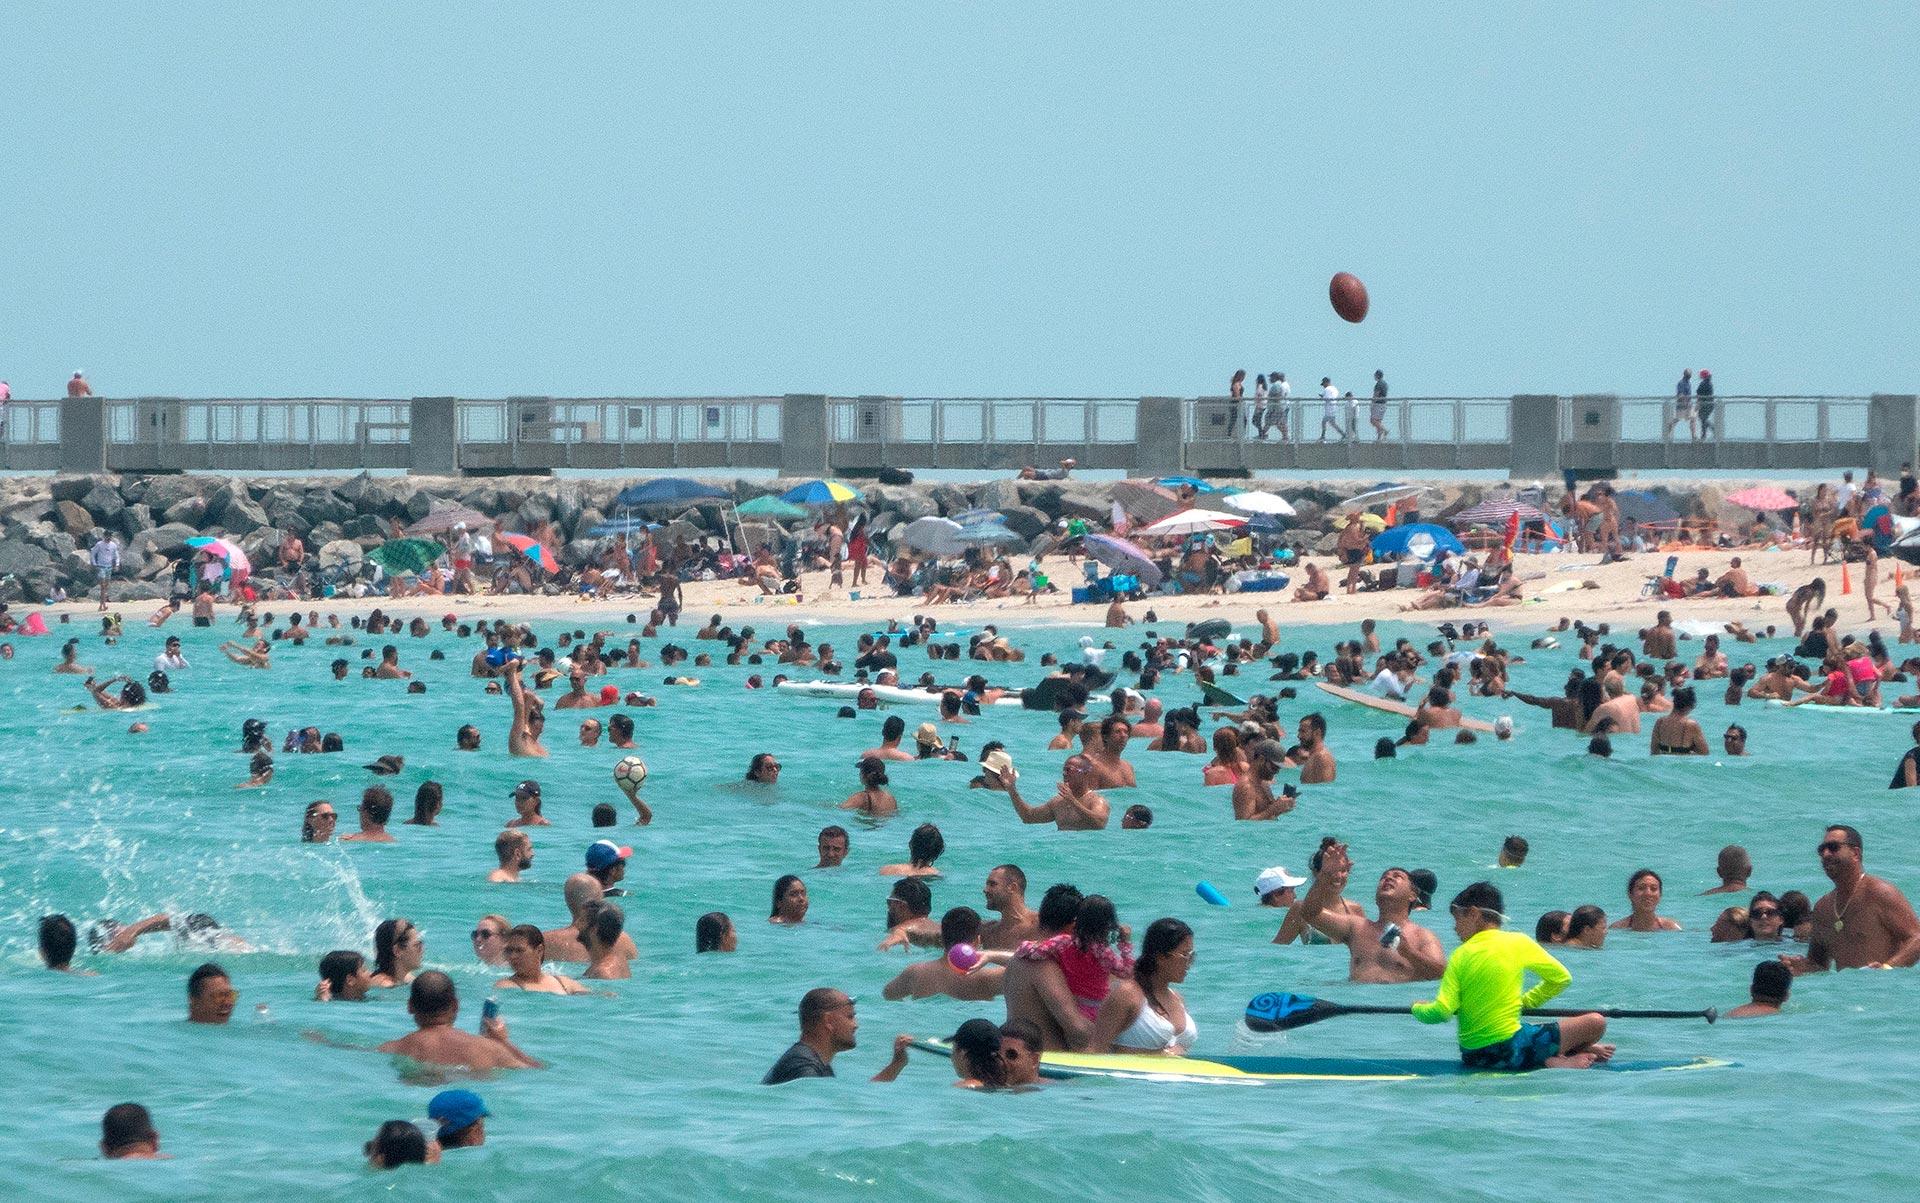 Florida se convirtió este domingo en el estado con más casos activos de coronavirus en Estados Unidos, con un incremento récord diario de 15.299 positivos, lo que eleva el total de contagiados a 269.811. (EFE)